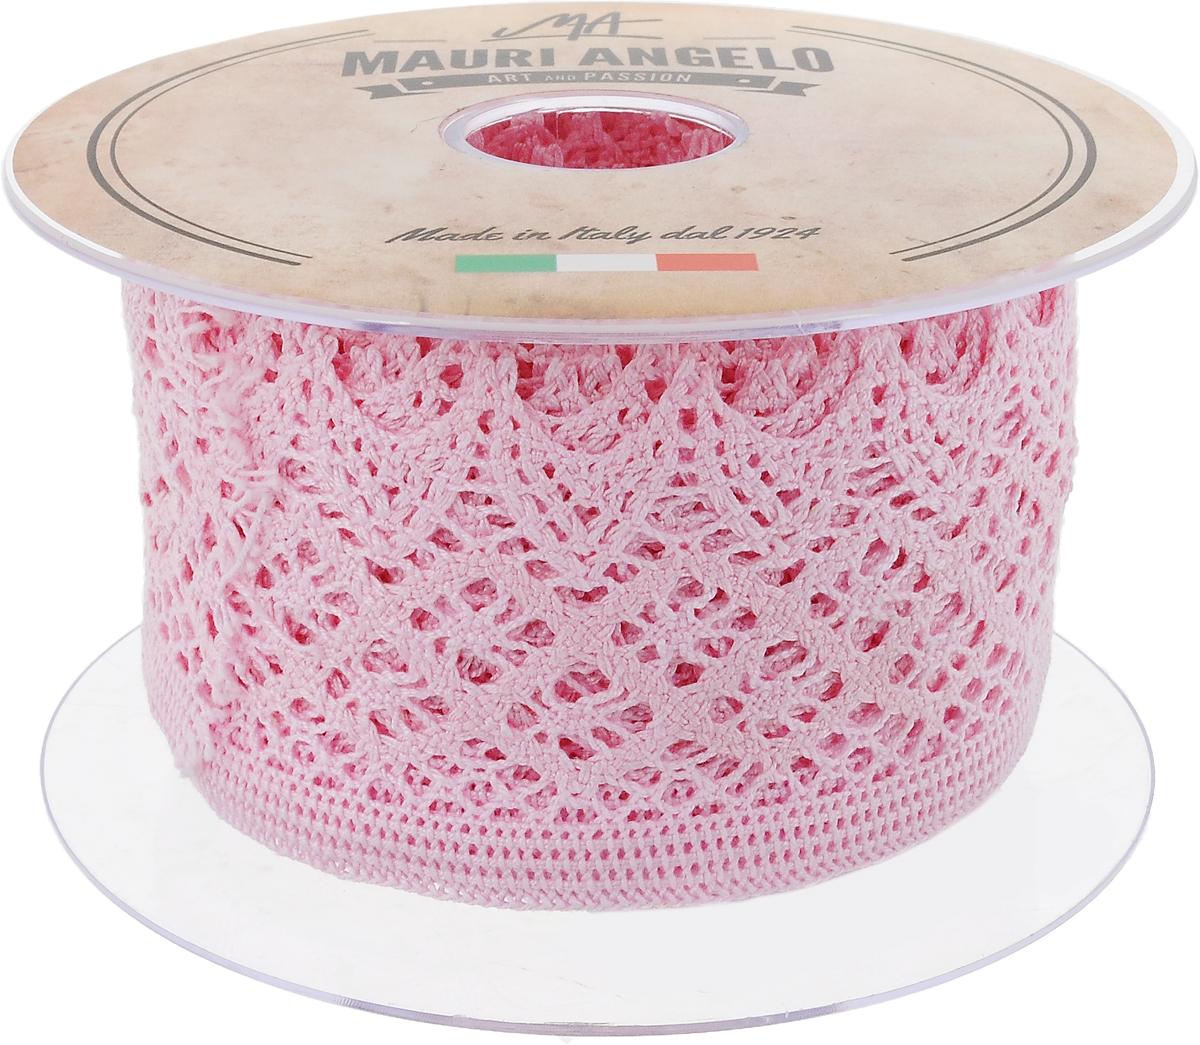 Лента кружевная Mauri Angelo, цвет: розовый, 5,9 см х 10 мMR4133/015_розовыйДекоративная кружевная лента Mauri Angelo - текстильное изделие без тканой основы, в котором ажурный орнамент и изображения образуются в результате переплетения нитей. Кружево применяется для отделки одежды, белья в виде окаймления или вставок, а также в оформлении интерьера, декоративных панно, скатертей, тюлей, покрывал. Главные особенности кружева - воздушность, тонкость, эластичность, узорность. Декоративная кружевная лента Mauri Angelo станет незаменимым элементом в создании рукотворного шедевра. Ширина: 5,9 см. Длина: 10 м.